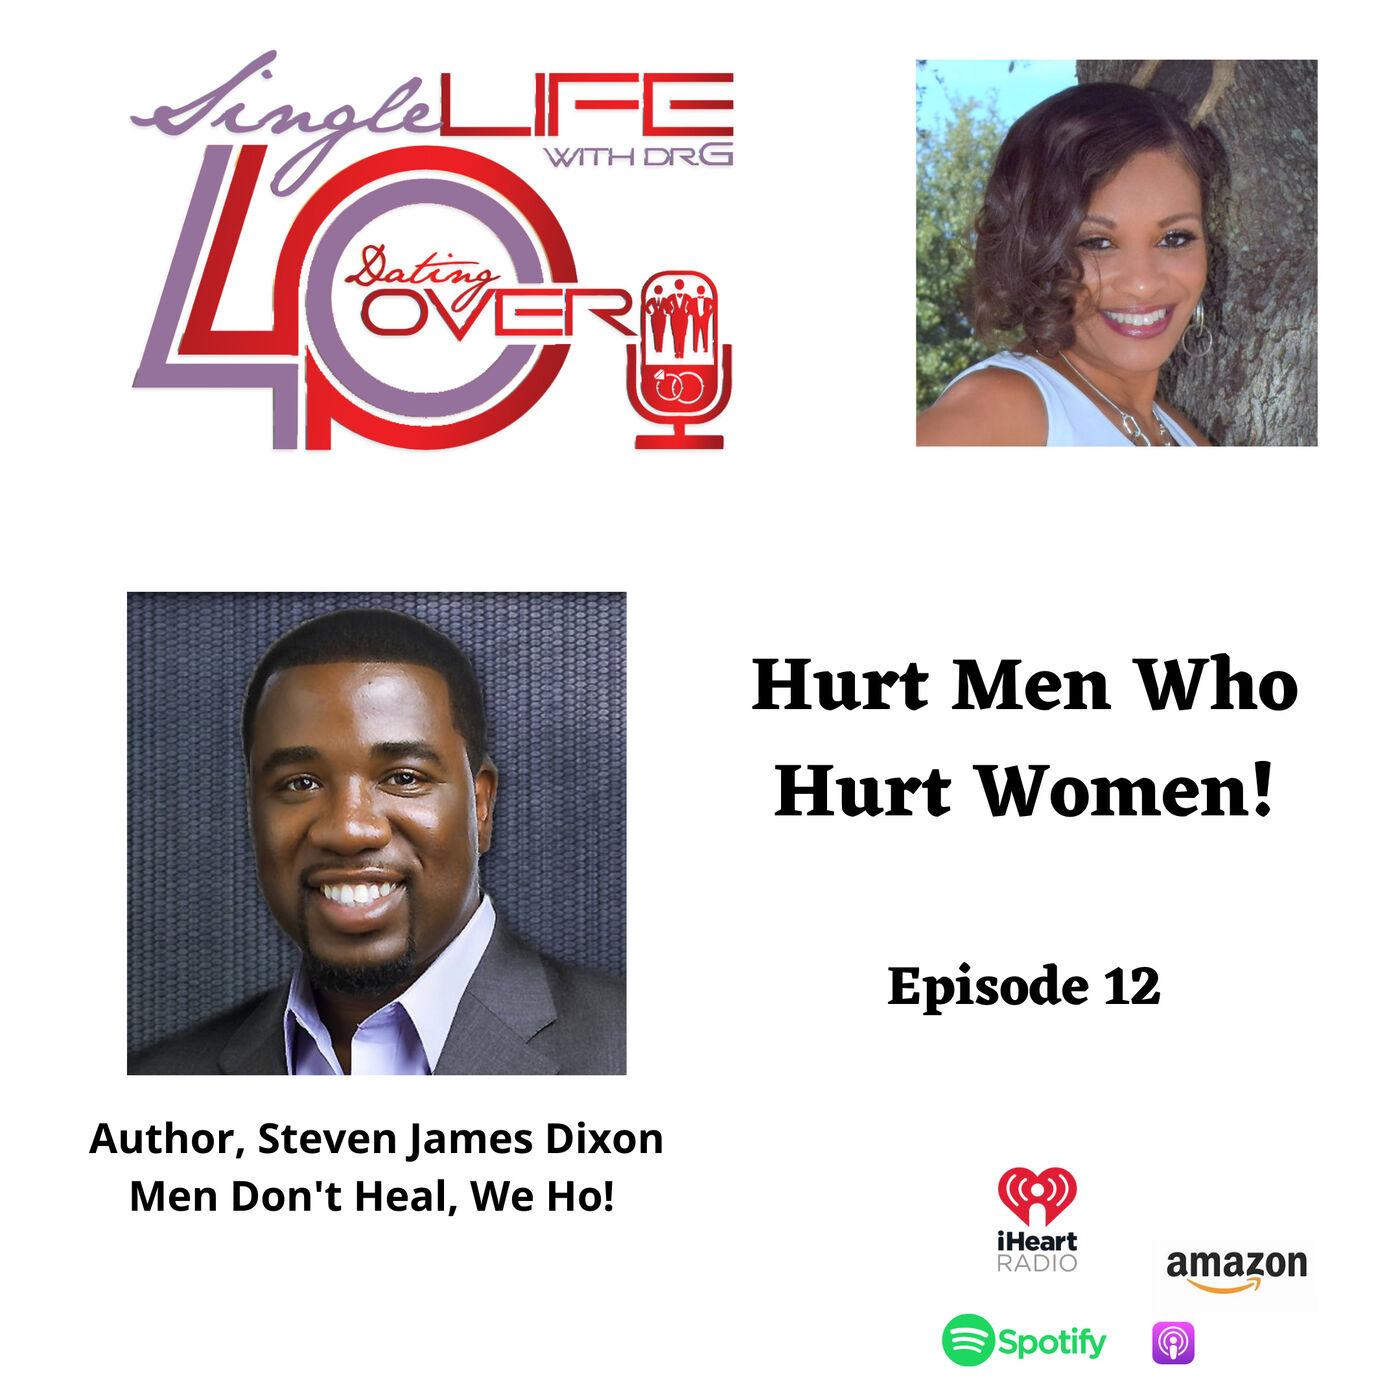 Hurt Men Who Hurt Women!